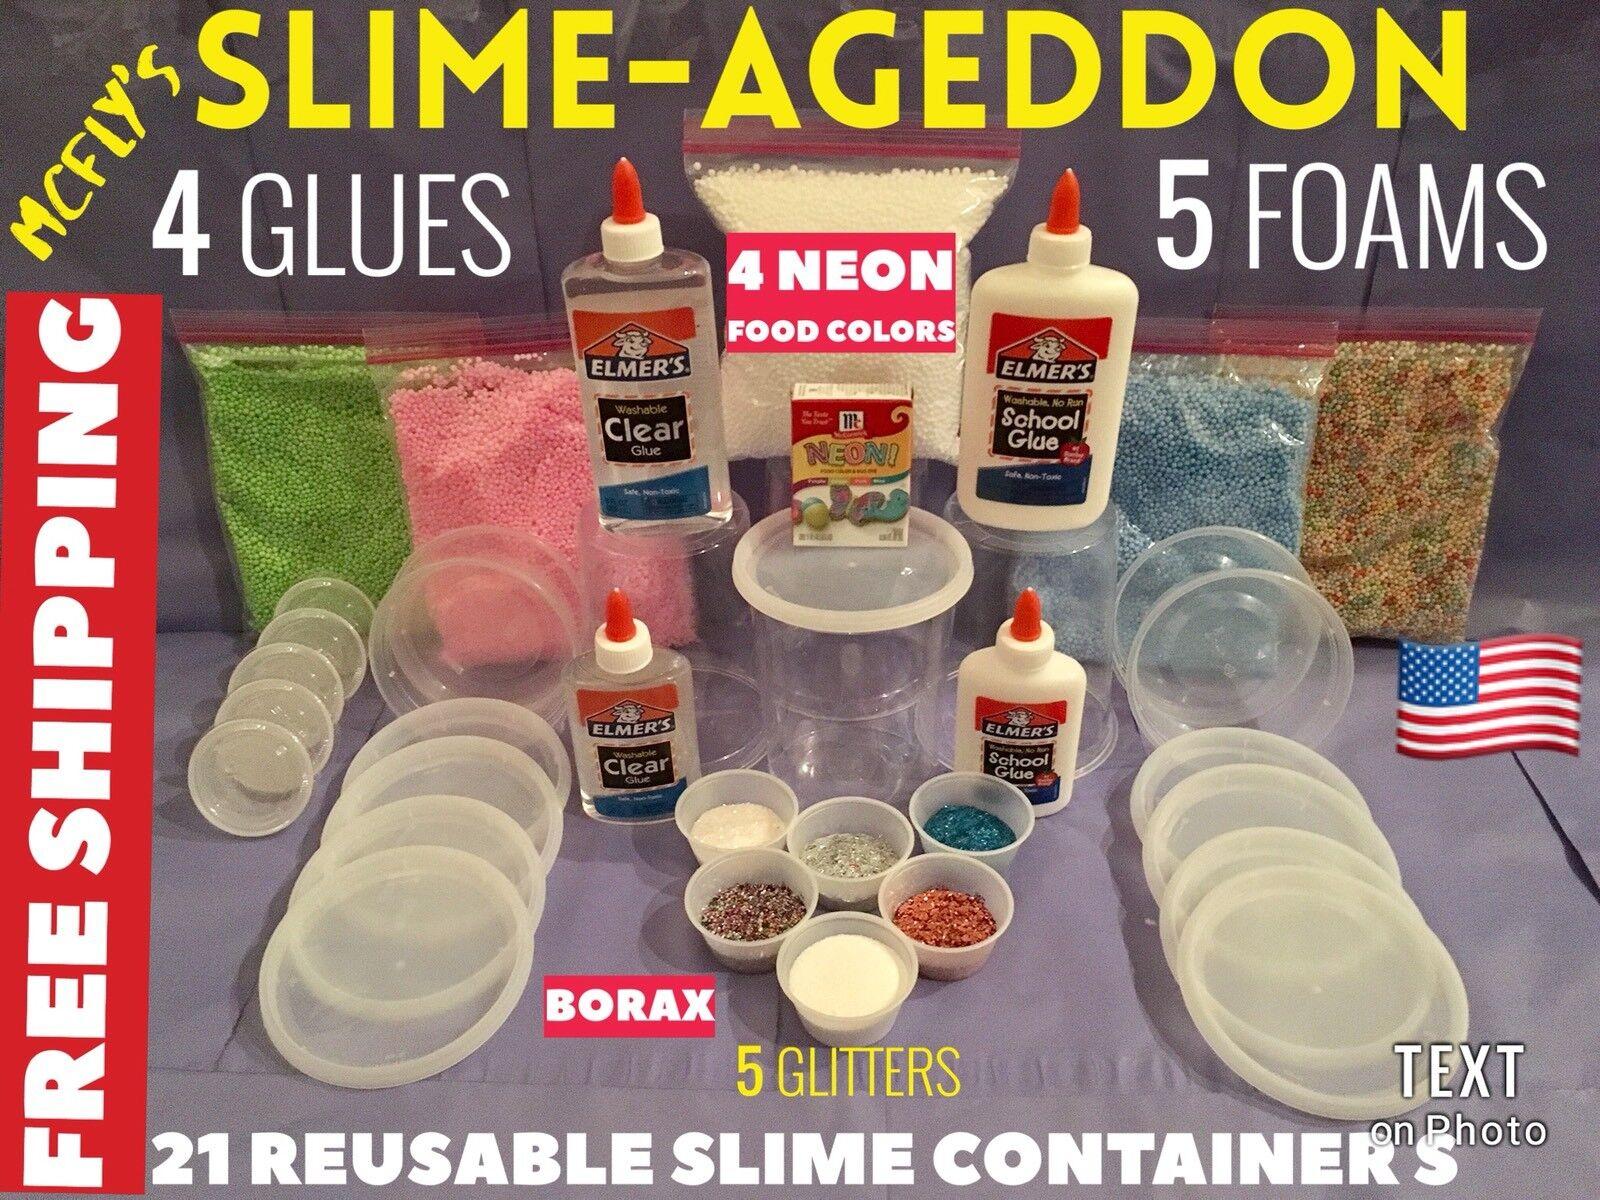 Slimeageddon Slime kit Welts Best Slime Kit Birthday Geschenk Slime Making Kit Huge